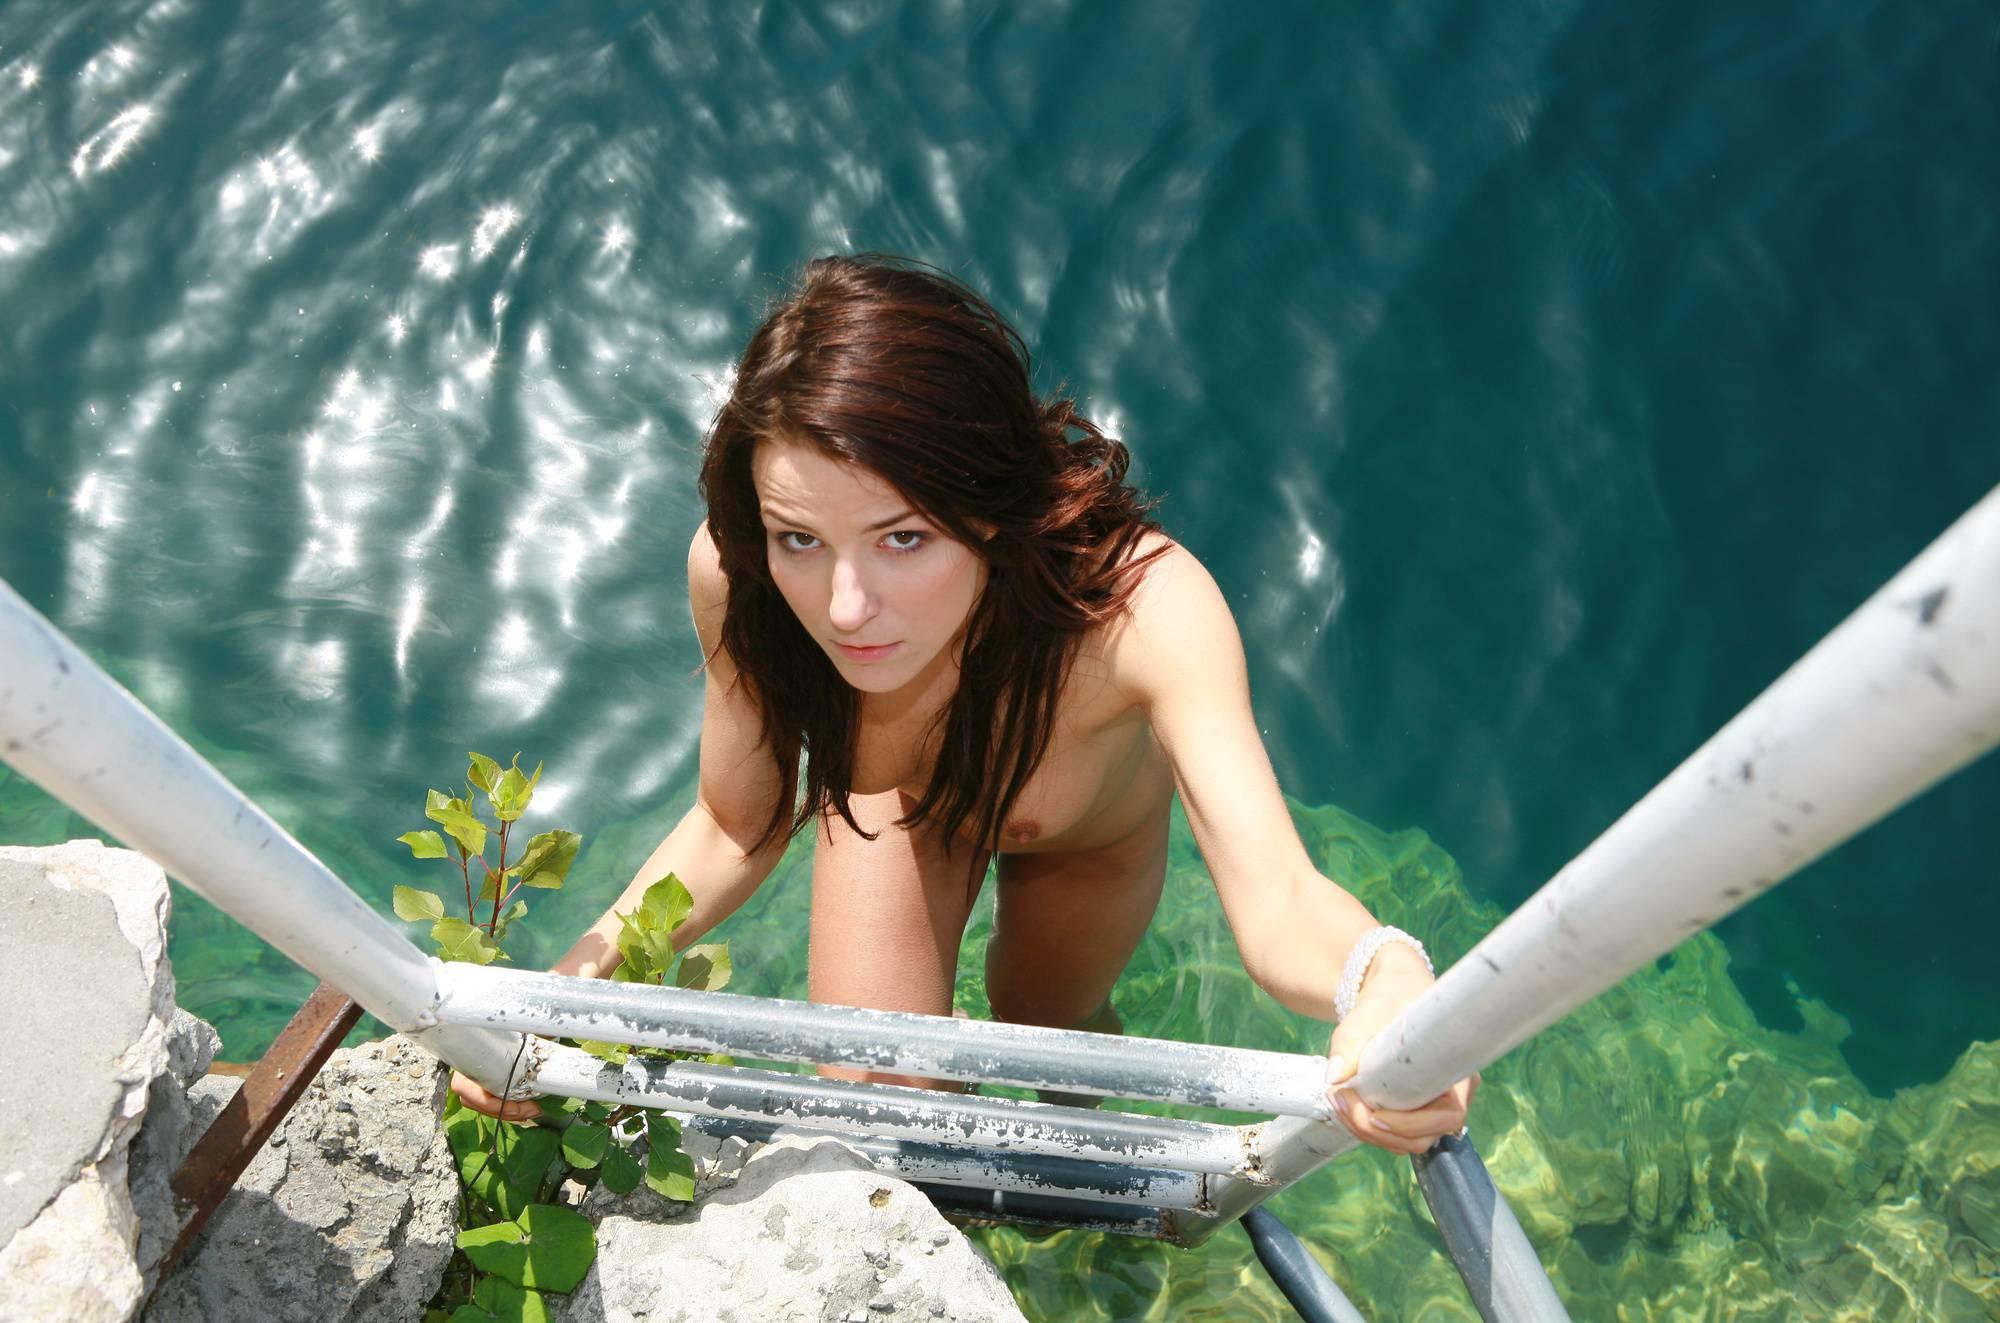 Sunny Day Dip In The Lake - 3